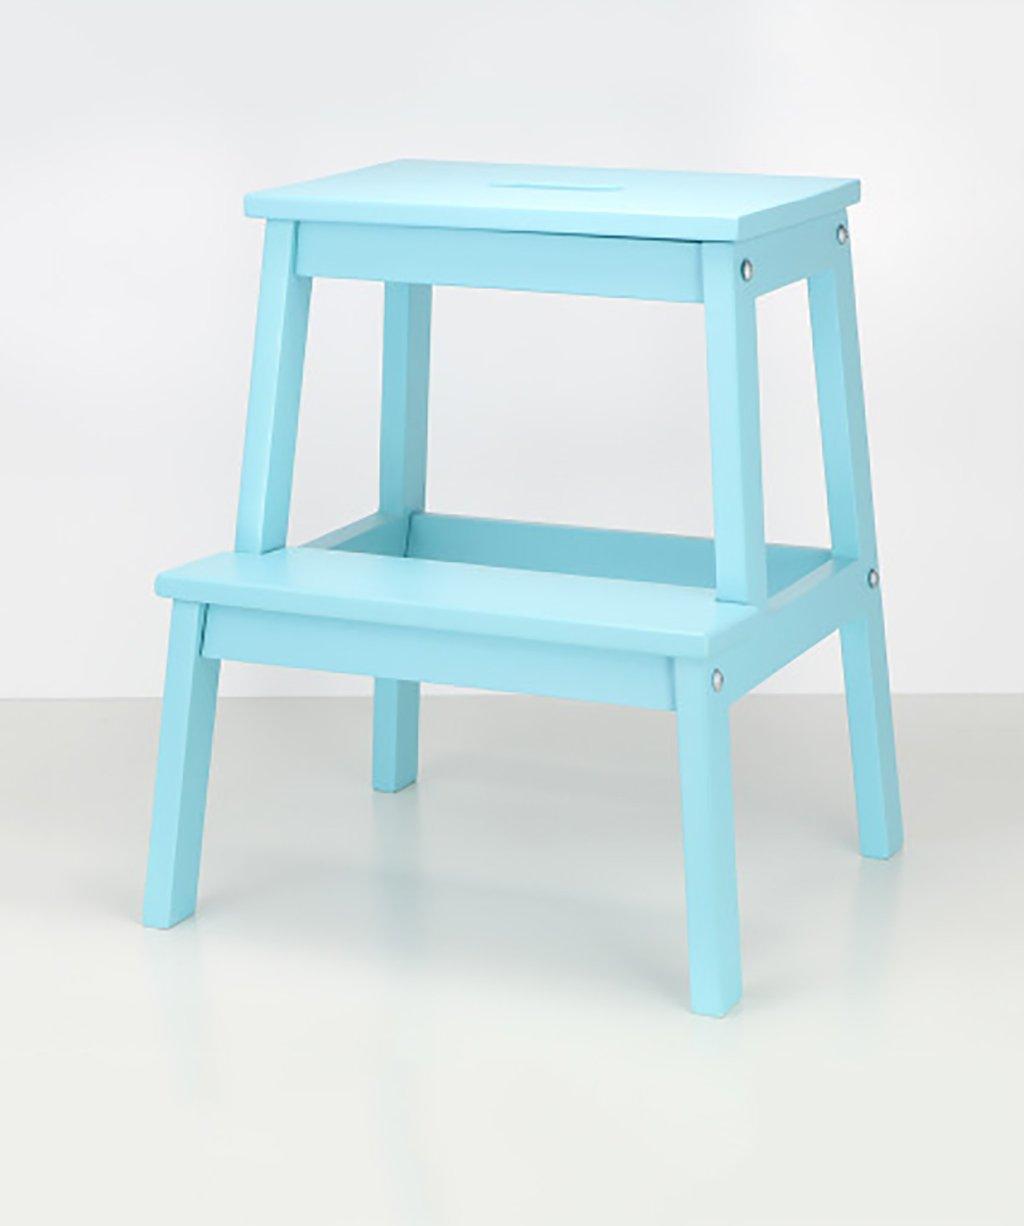 ZEMIN ダイニングチェア椅子の木の木製折り畳み 移動可能な階段、5色、36 * 36 * 50CMを使用してポータブルソリッドウッドラダー椅子 ( 色 : 青 ) B078WP6VF9青